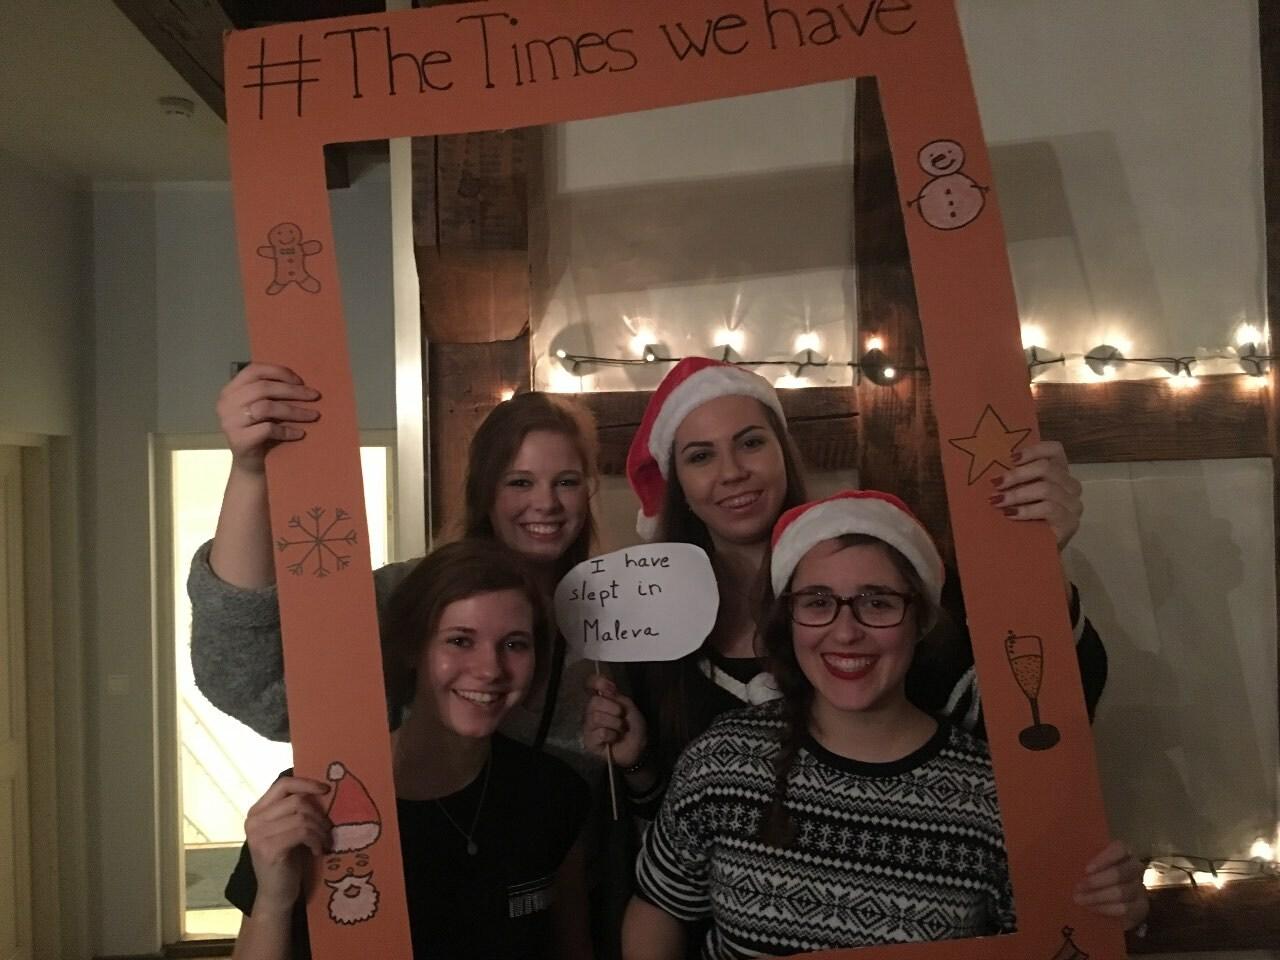 Weihnachten In Estland oder In Deutschland? - Youthreporter